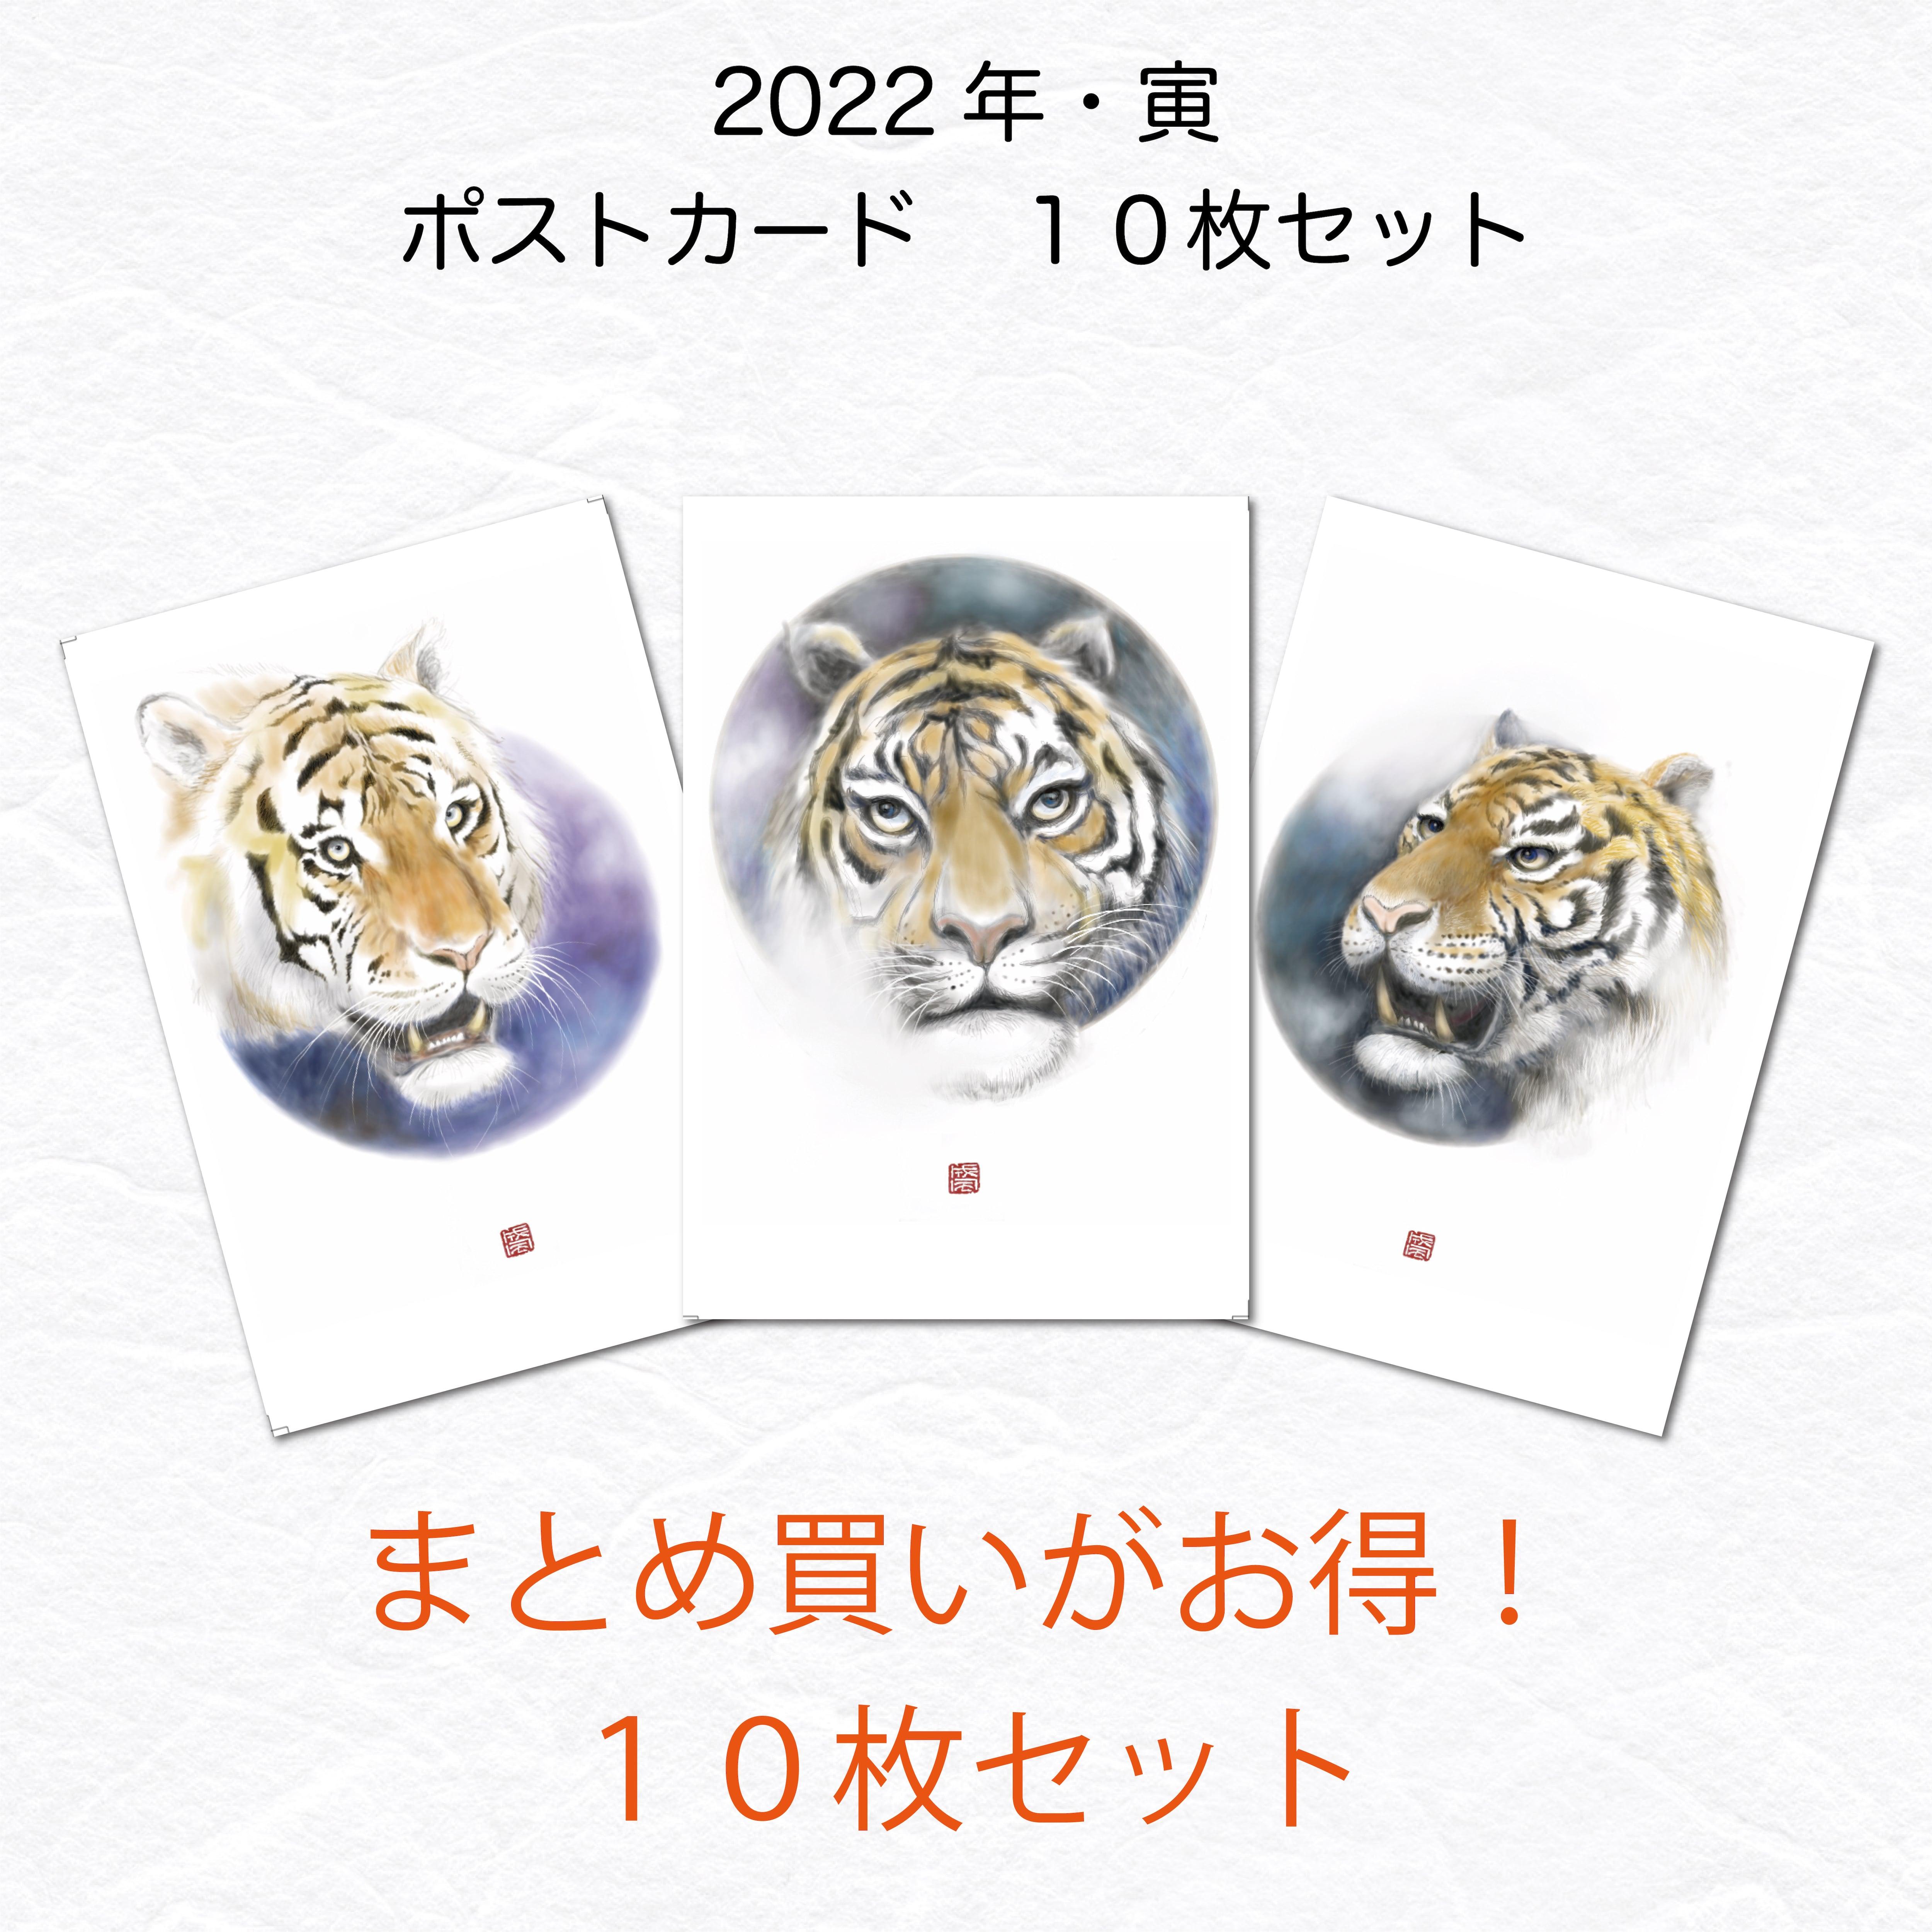 【お得な10枚まとめ買いセット】2022年 ポストカード・年賀状 寅